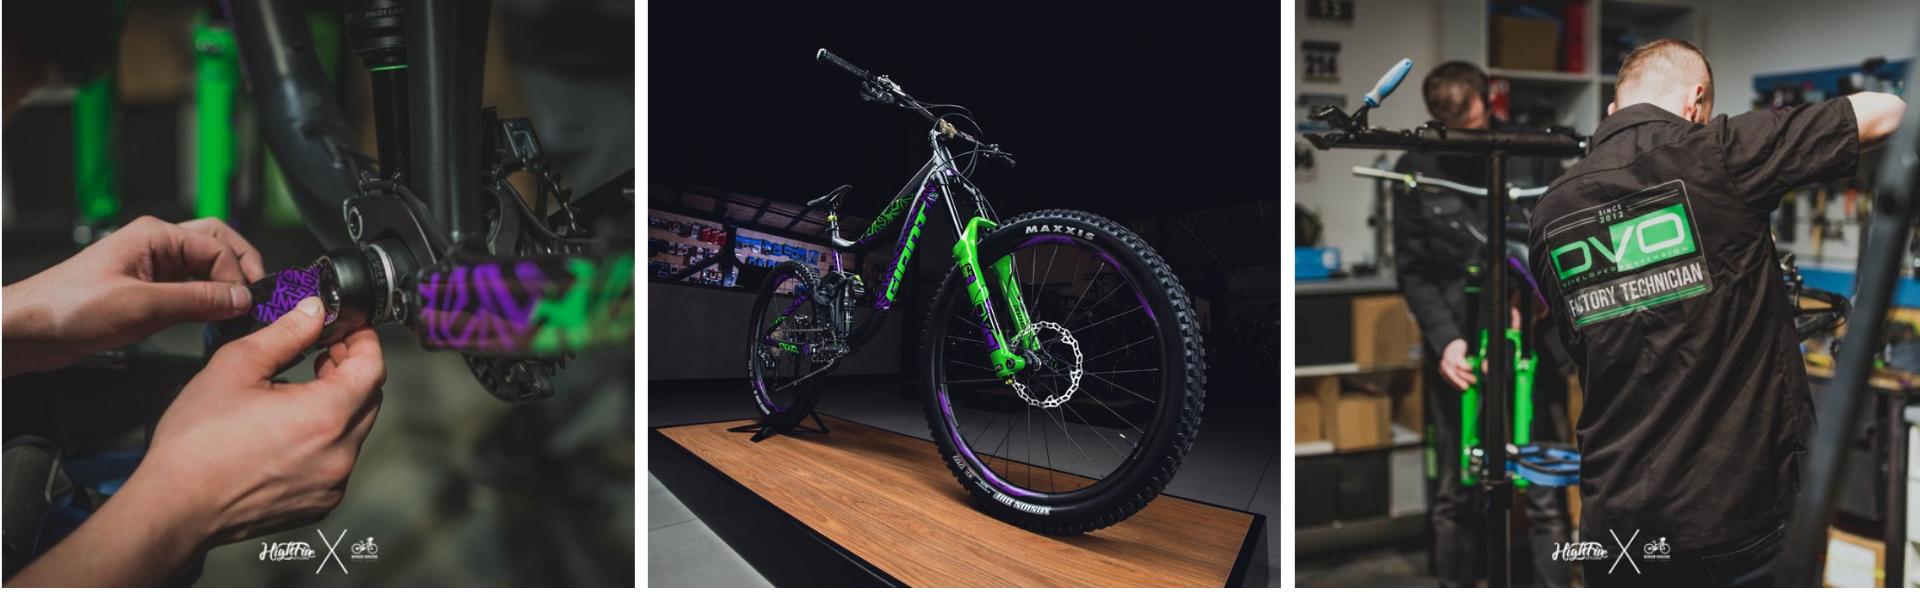 Bike Spa 6